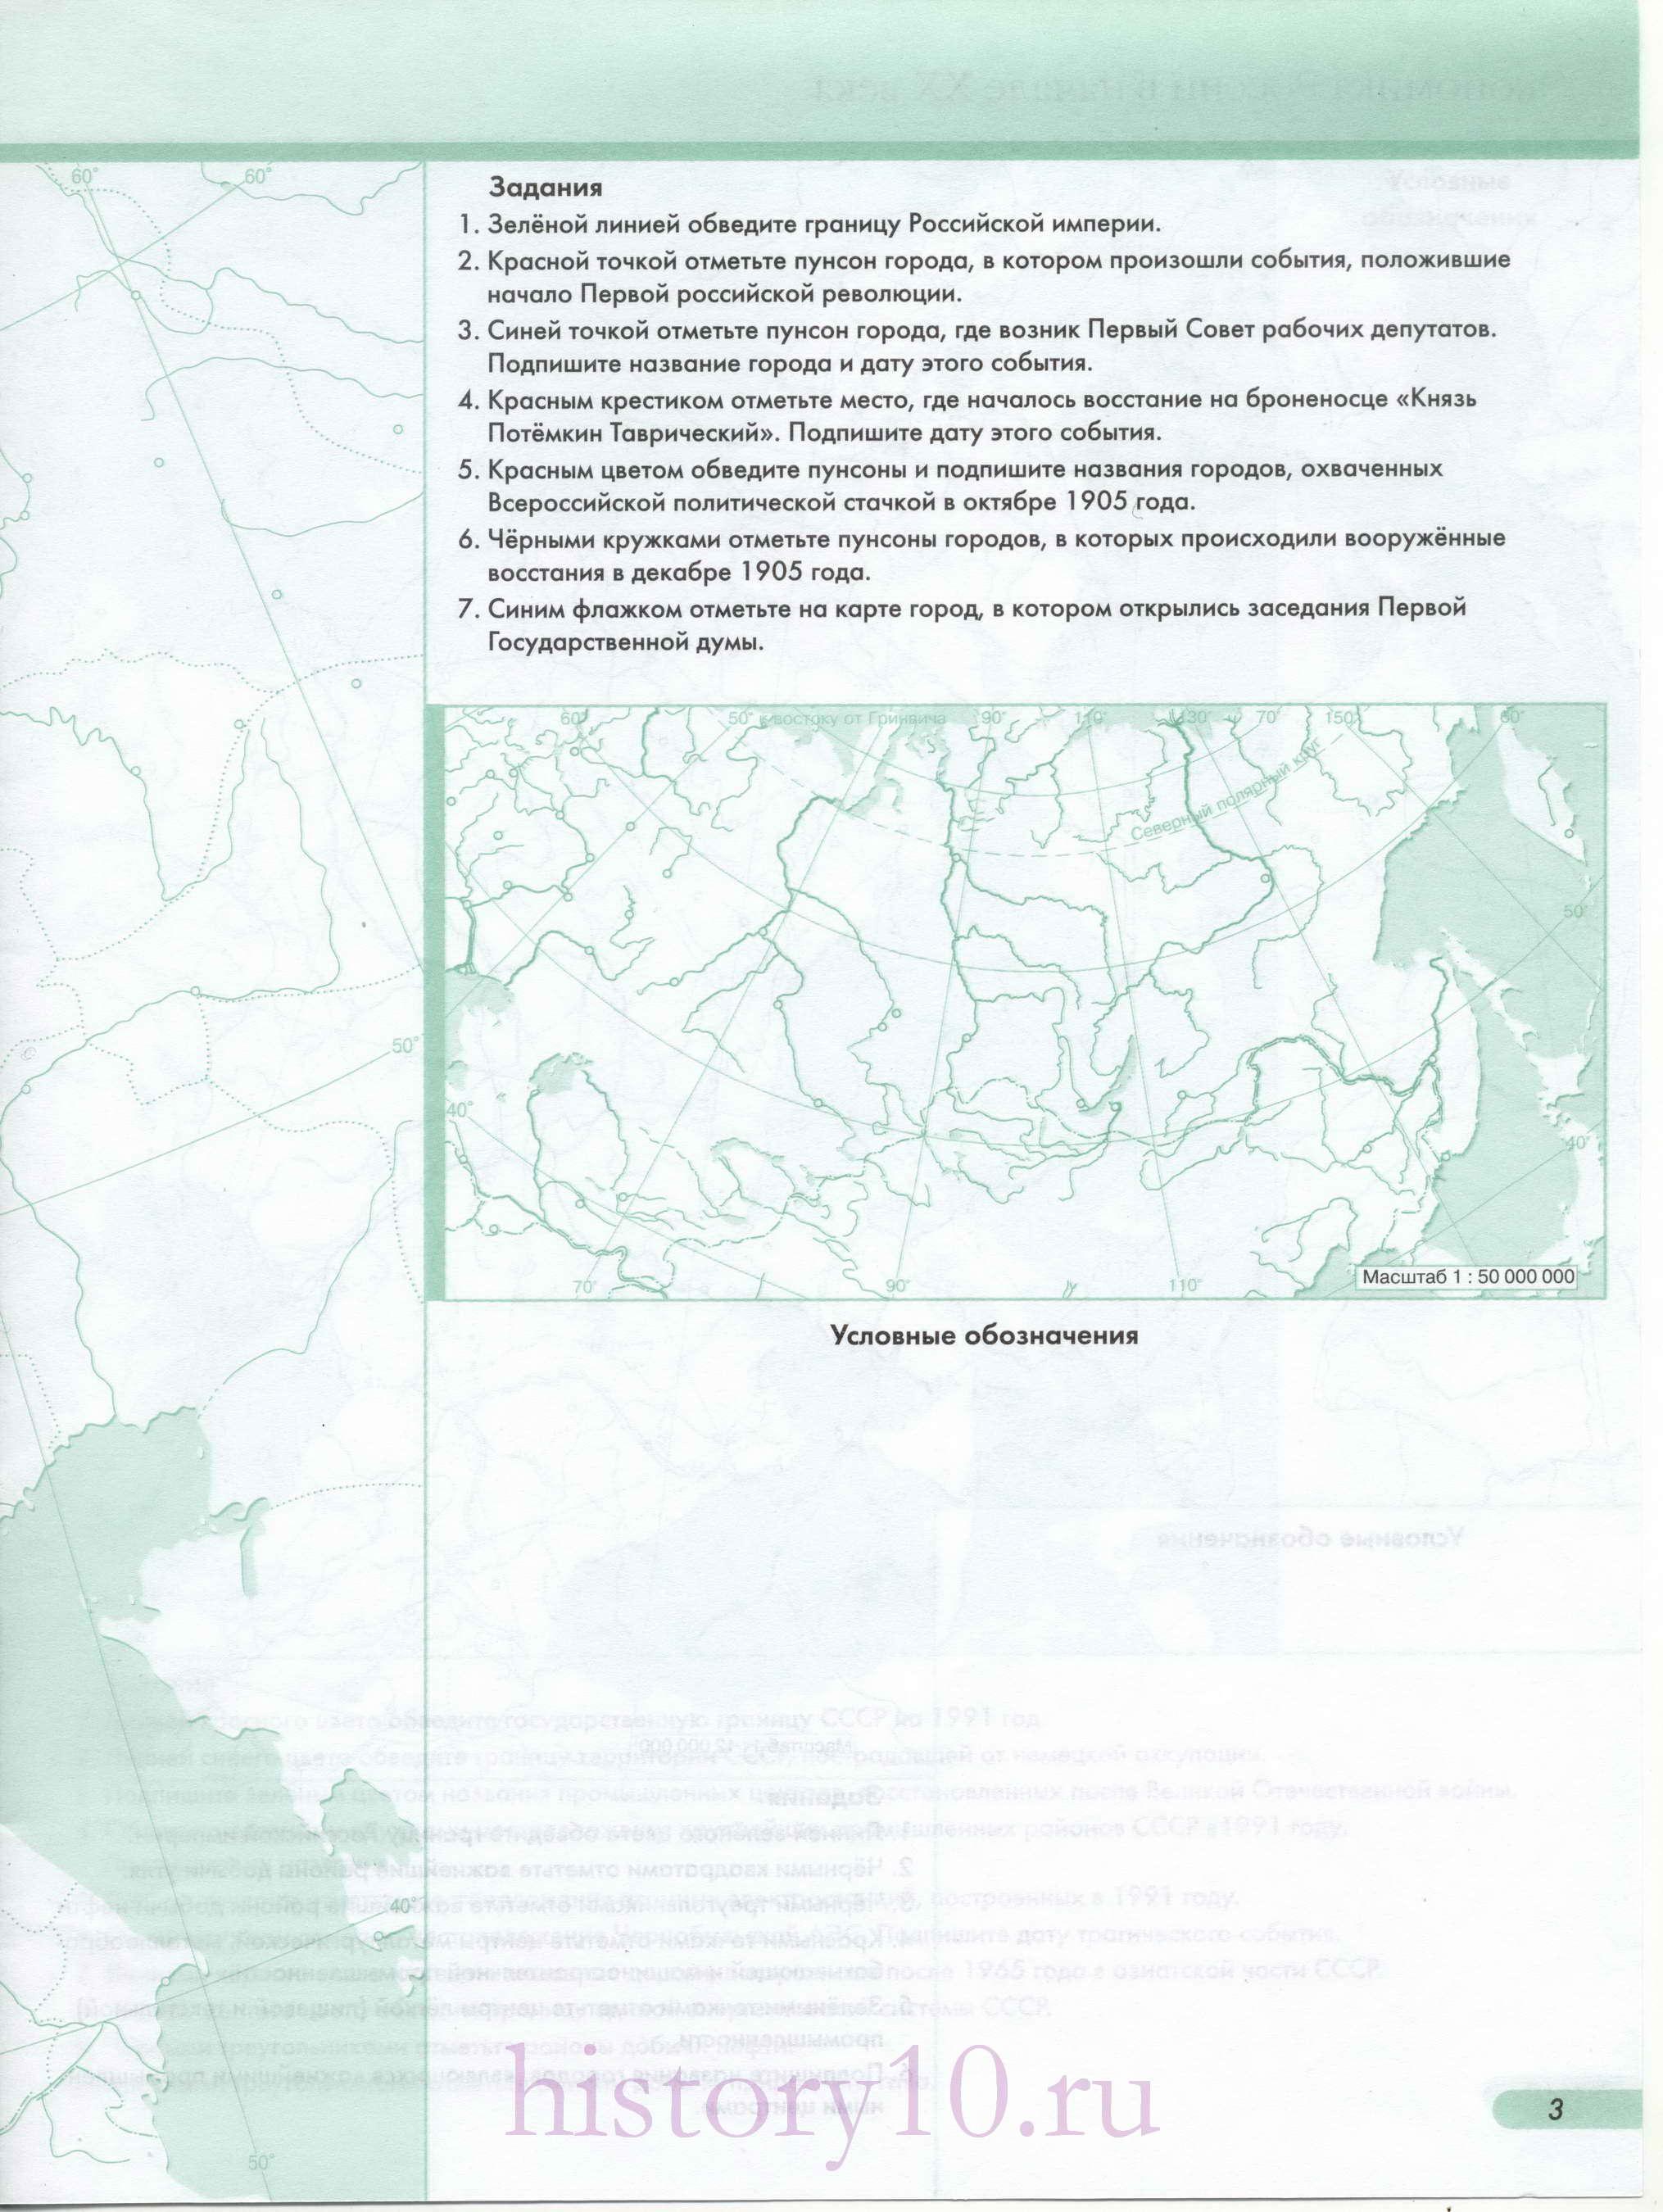 Контурная карта по истории России - первая Русская революция 1905-1907.